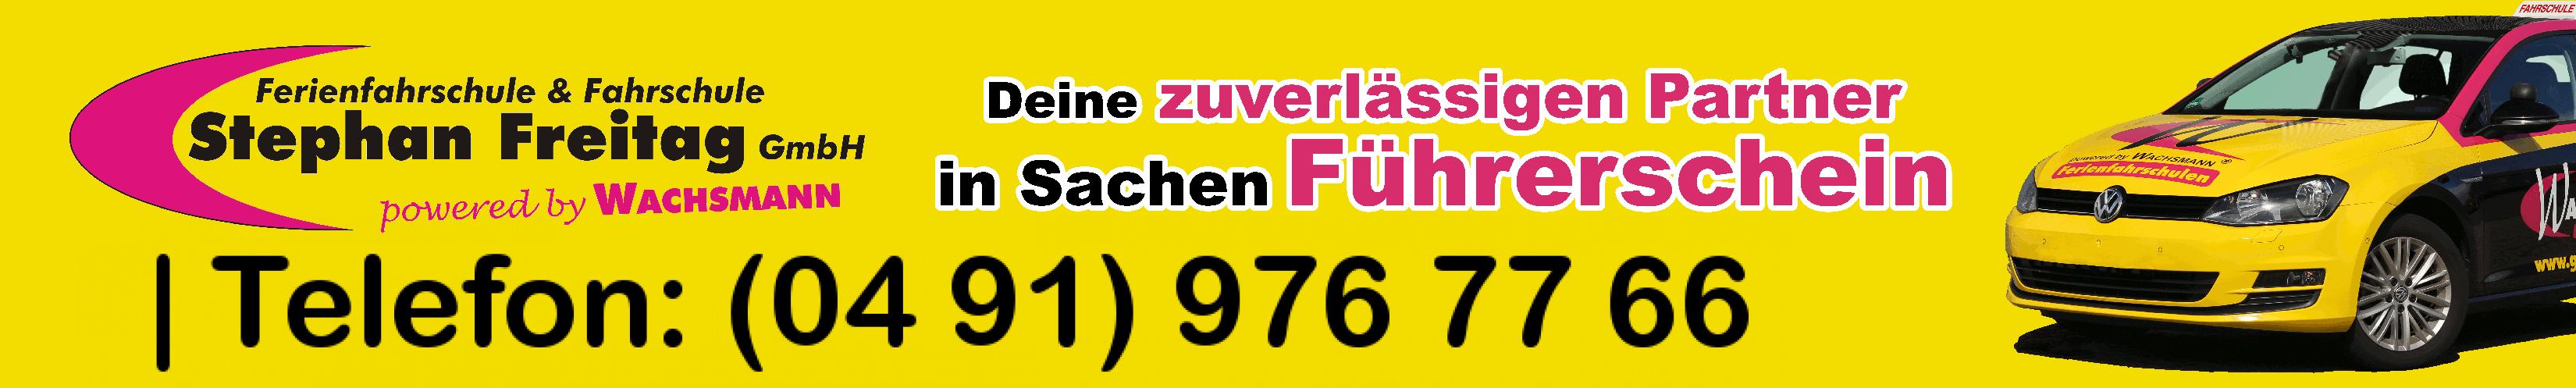 WACHSMANN Fahrschule Leer Stephan Freitag GmbH